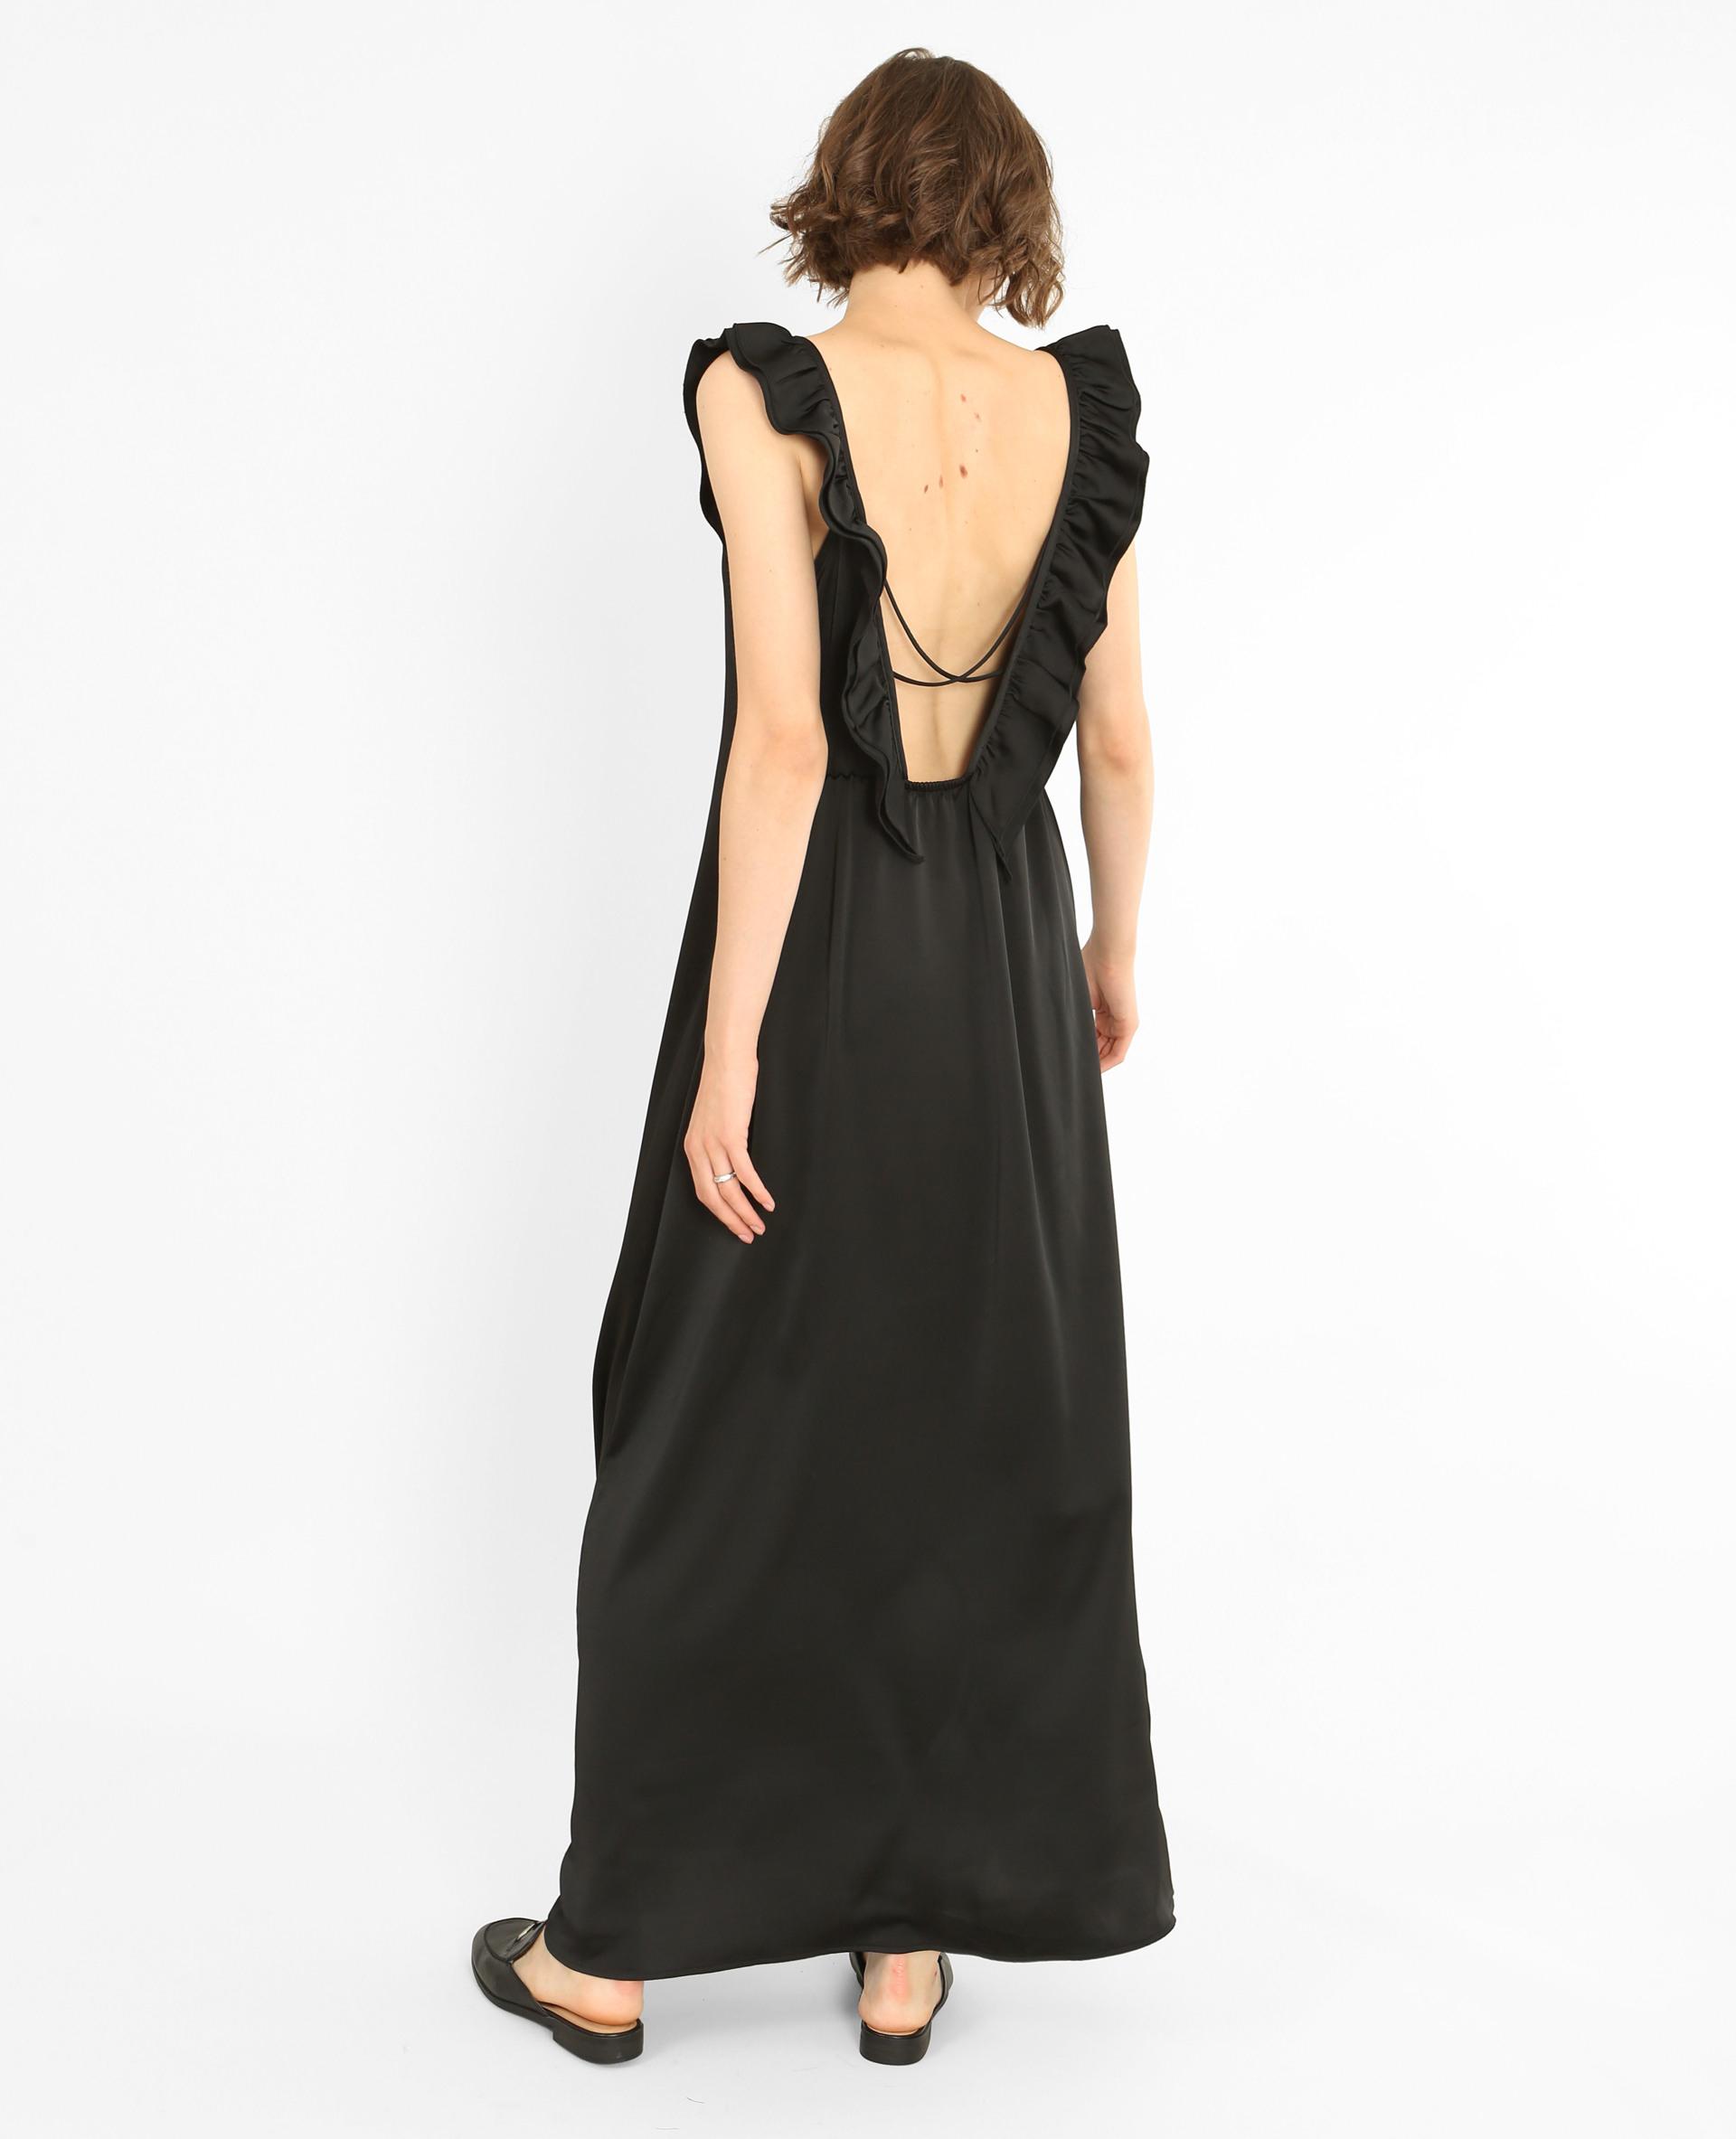 Langes Kleid Aus Satin Schwarz  780777899A08  Pimkie